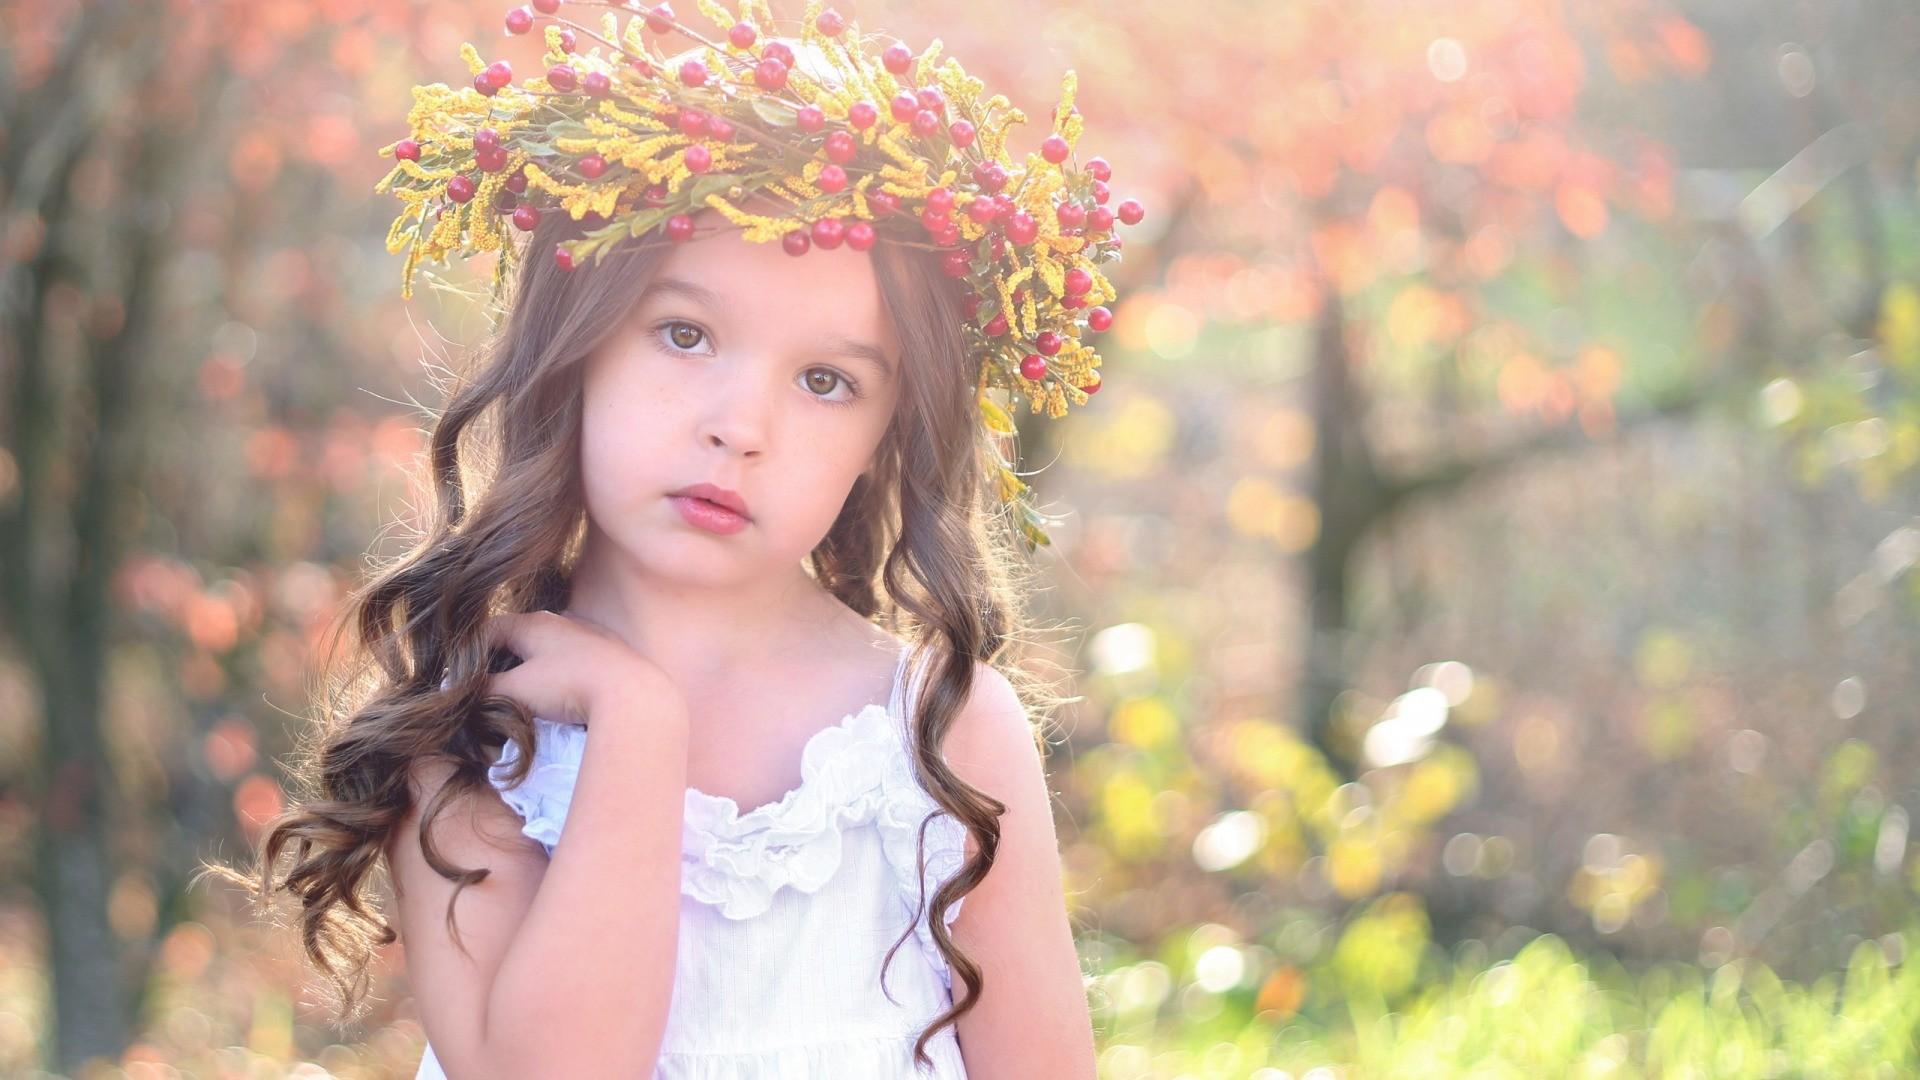 بالصور صور بنات صغار حلوين , كروت اطفال لاجمل الفتيات 2852 4